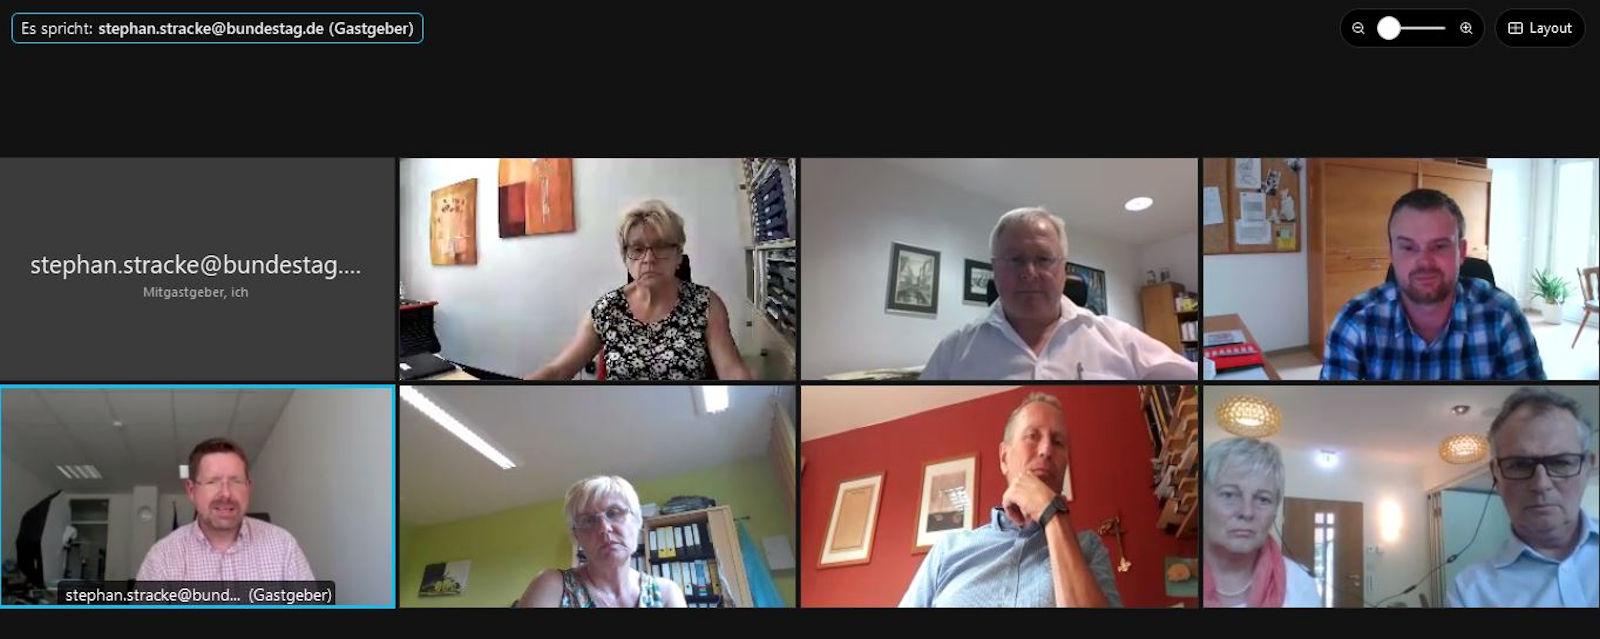 In zwei virtuellen Gesprächsrunden tauschte sich Stephan Stracke mit Pflegeeinrichtungen aus.